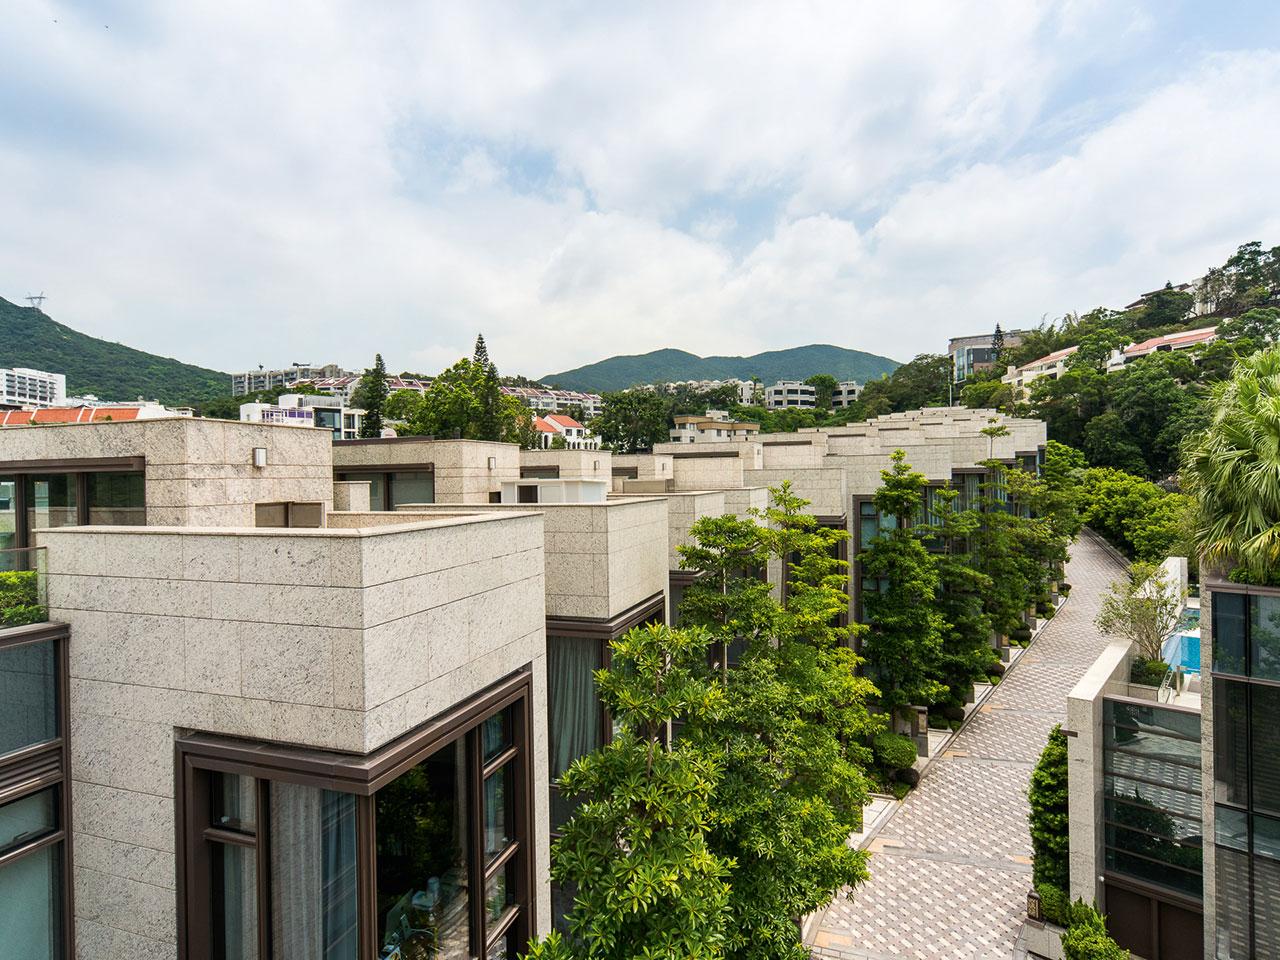 香港居民對豪宅有濃厚興趣,國際買家及國內買家也有巨大的吸引力。